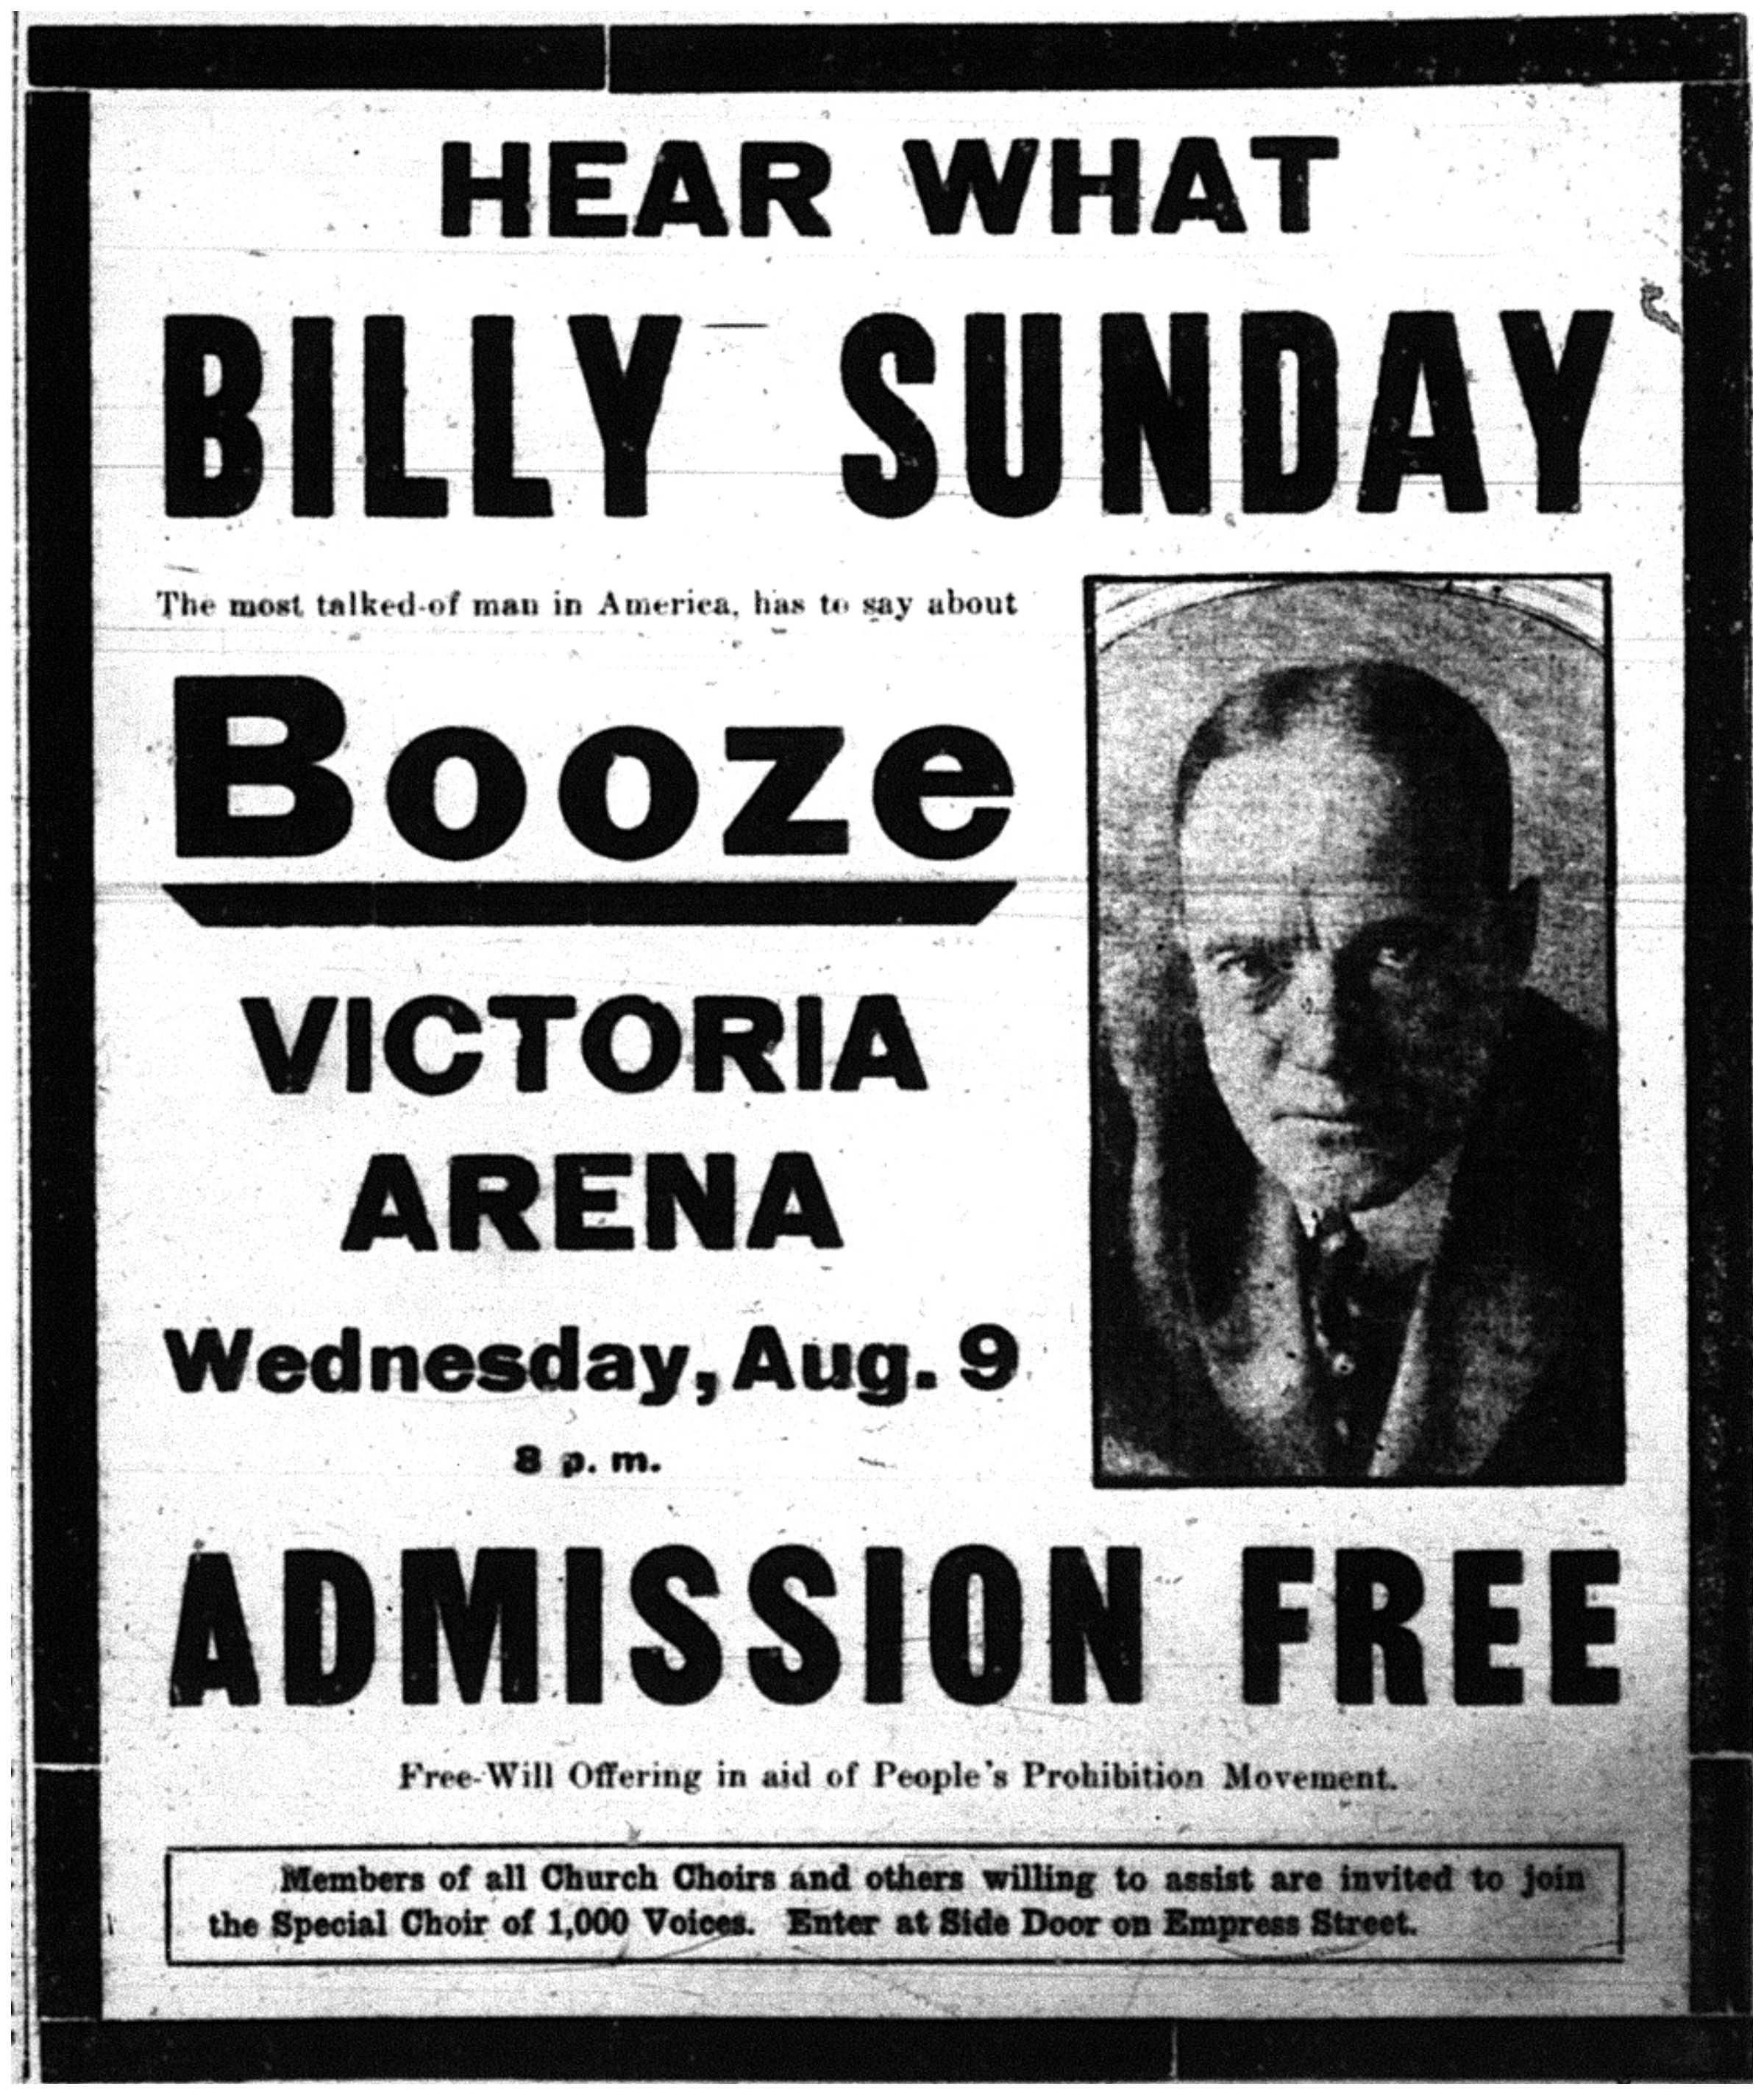 Billy Sunday on Booze